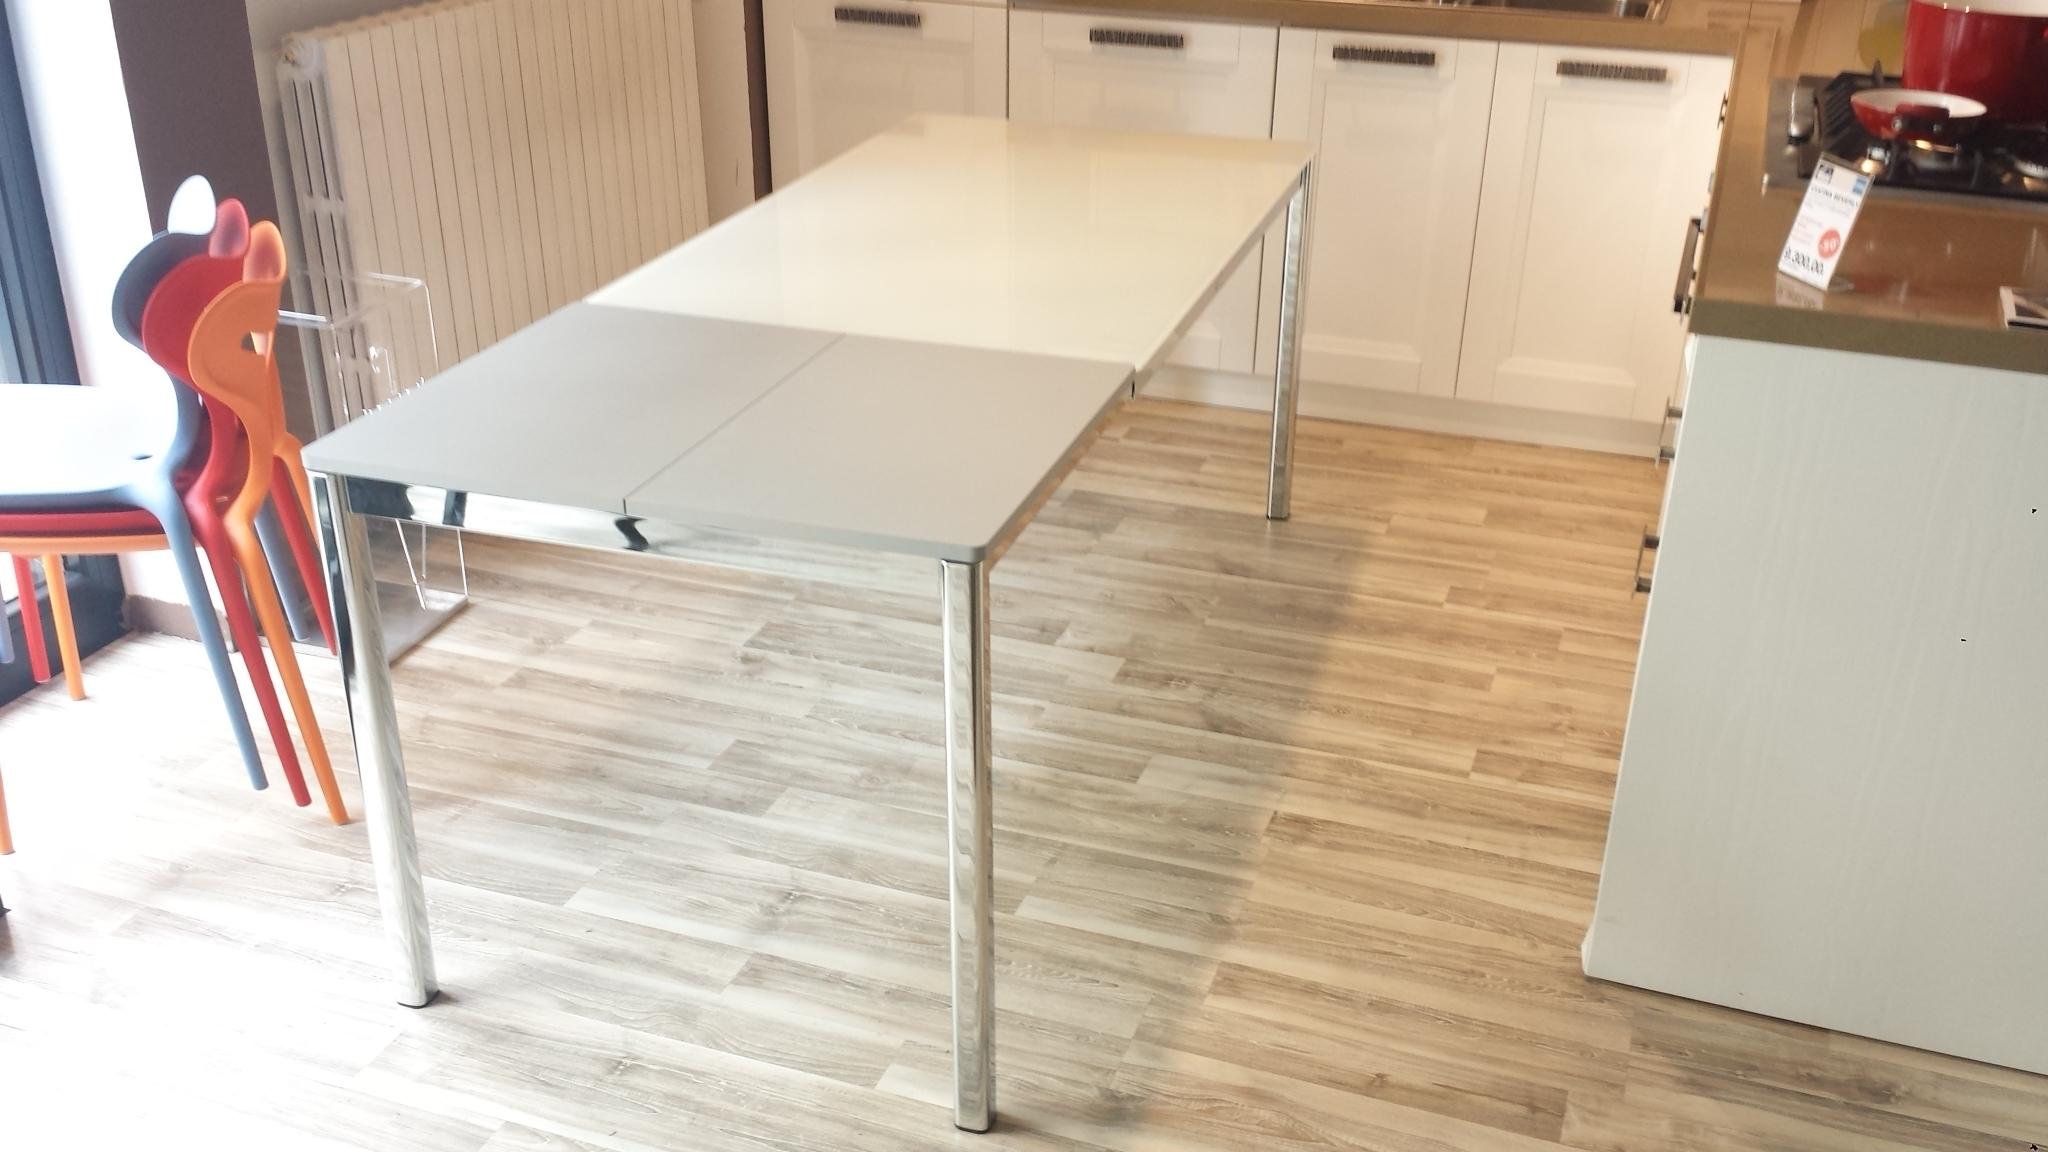 Tavolo calligaris performance scontato del 61 tavoli a prezzi scontati - Ikea tavolo vetro allungabile ...